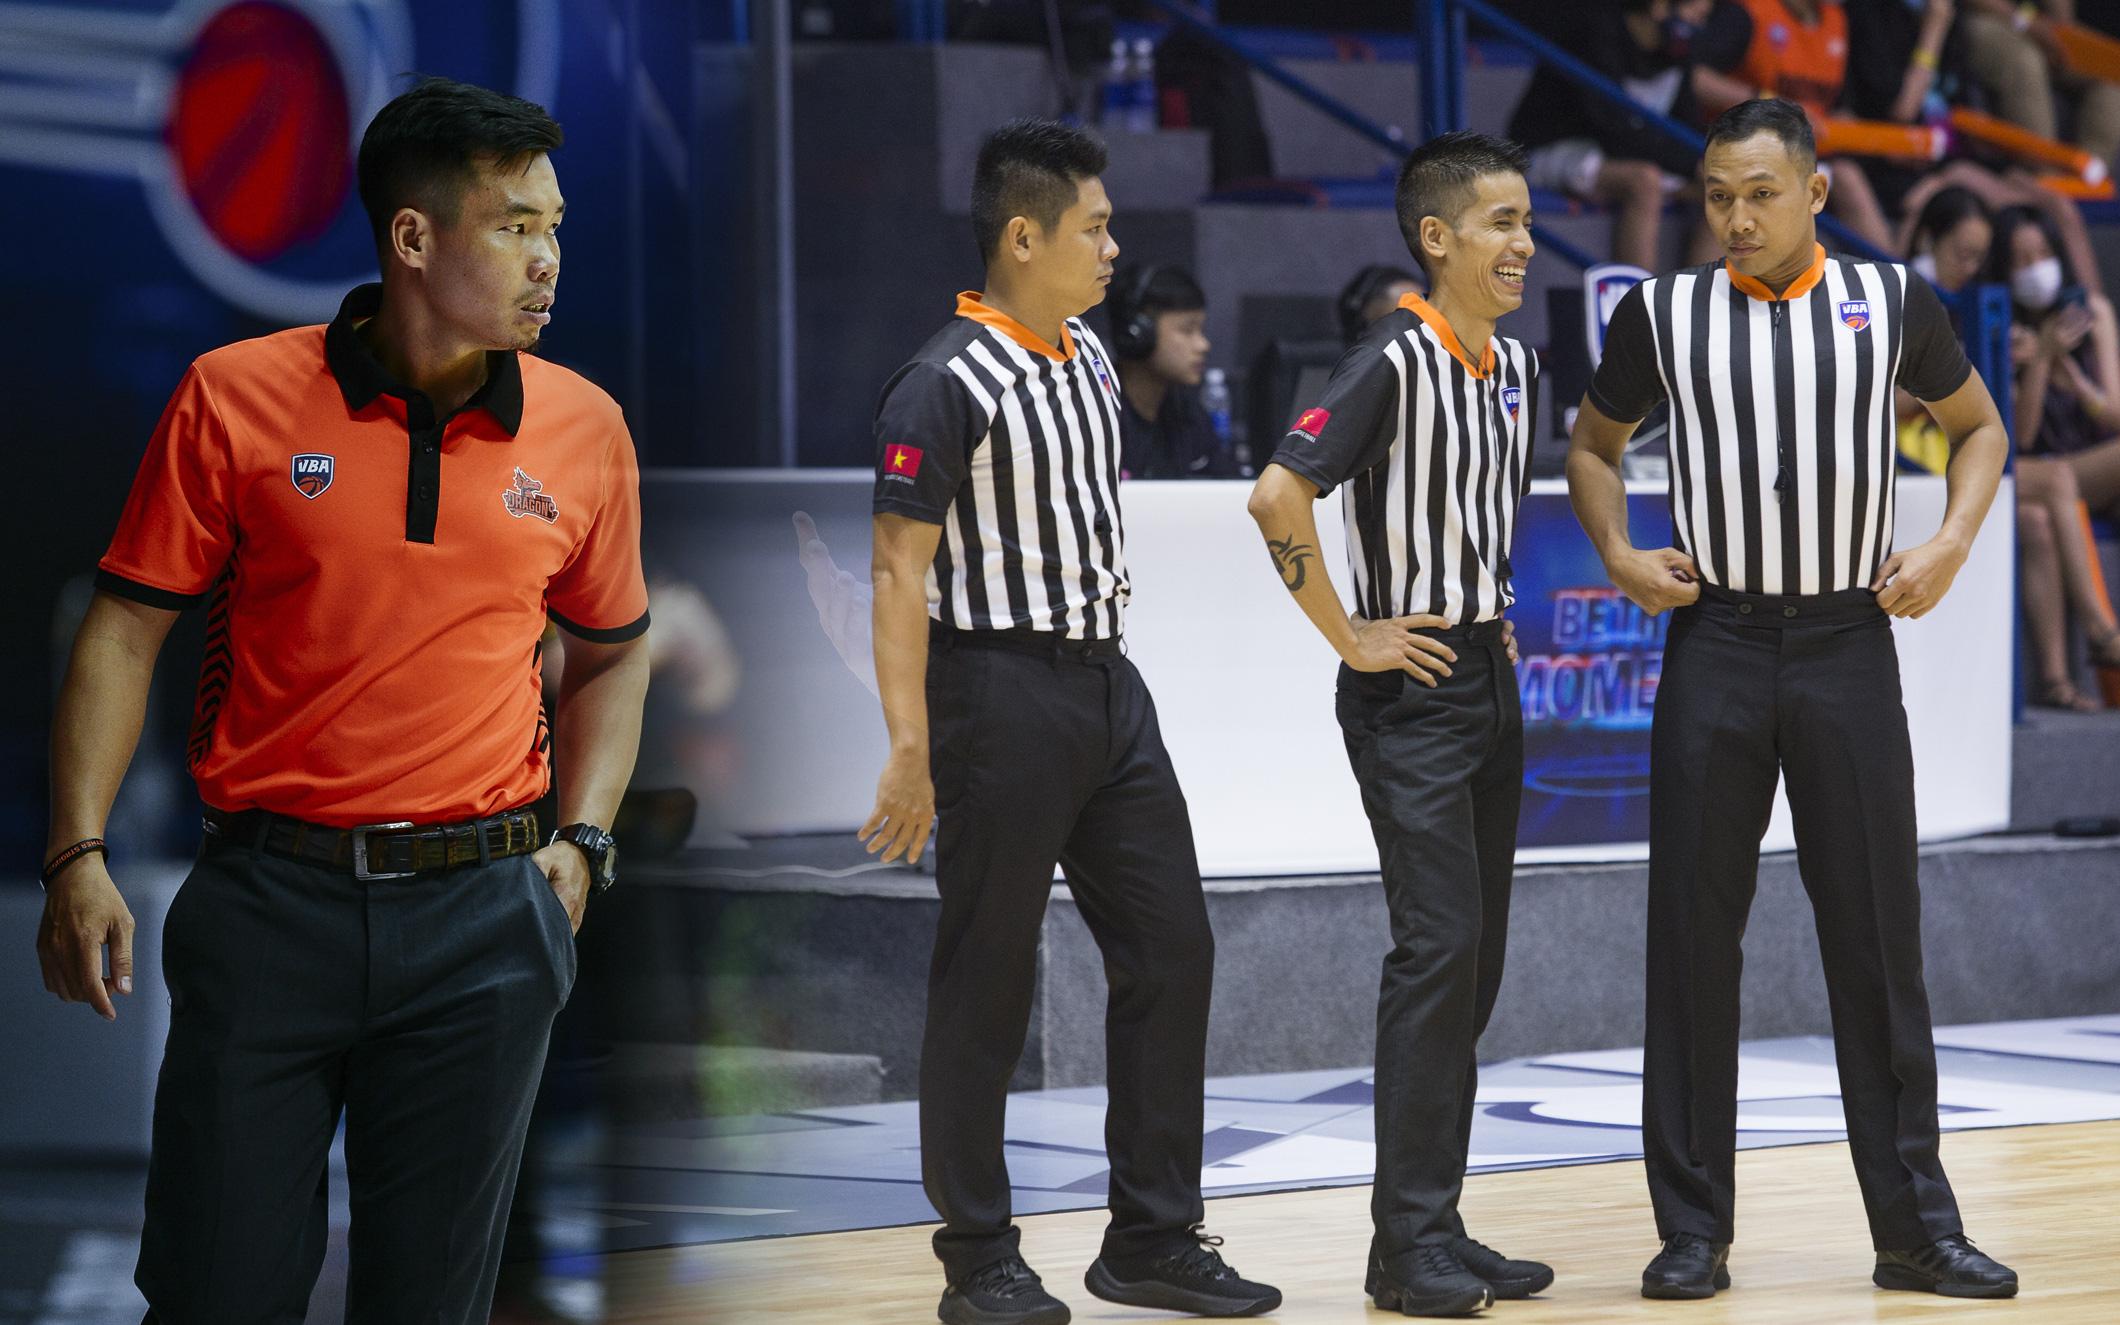 """HLV Phan Thanh Cảnh: """"Tôi không muốn nói thêm về trọng tài, chẳng thể thay đổi được gì khi biên bản trận đấu đã được ký"""""""